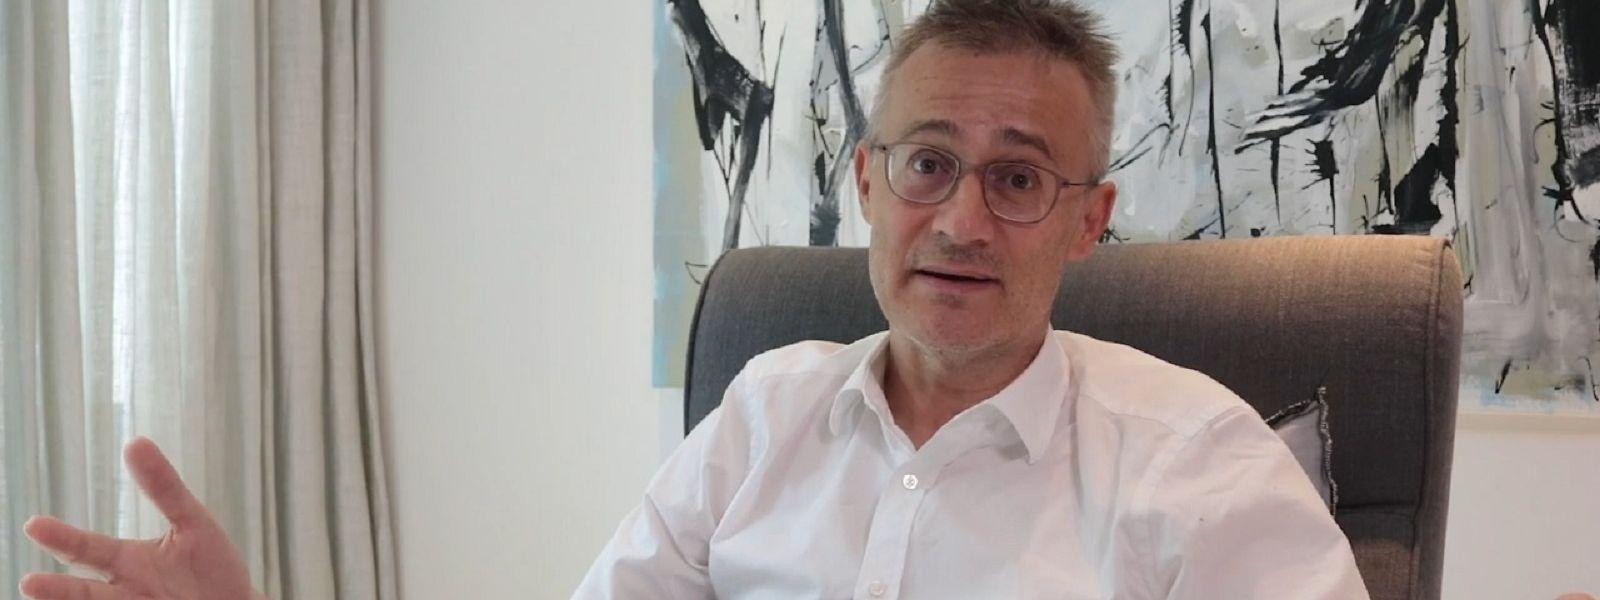 Im Juli 2020 meldete sich Felix Braz mit einer hoffnungsvollen Videobotschaft auf dem Grünen-Kongress zu Wort.